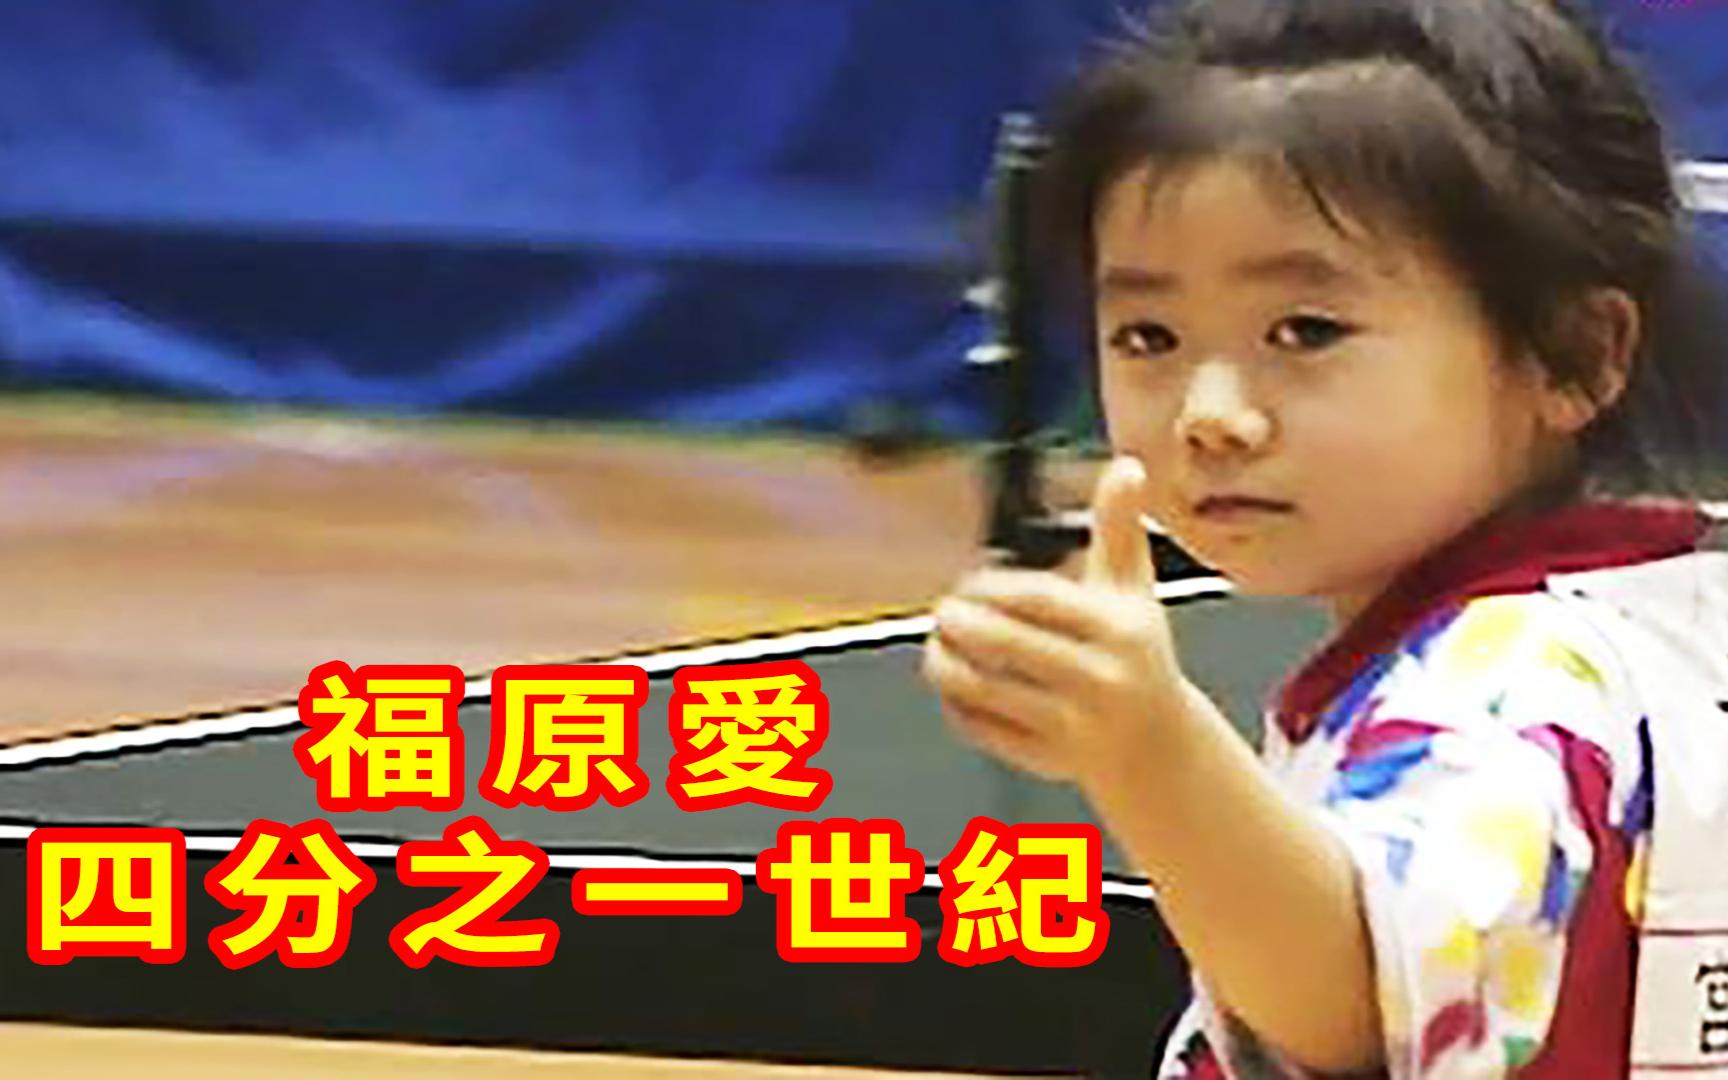 福原爱。5岁成为全国冠军,12岁独自来中国,满口东北话的瓷娃娃